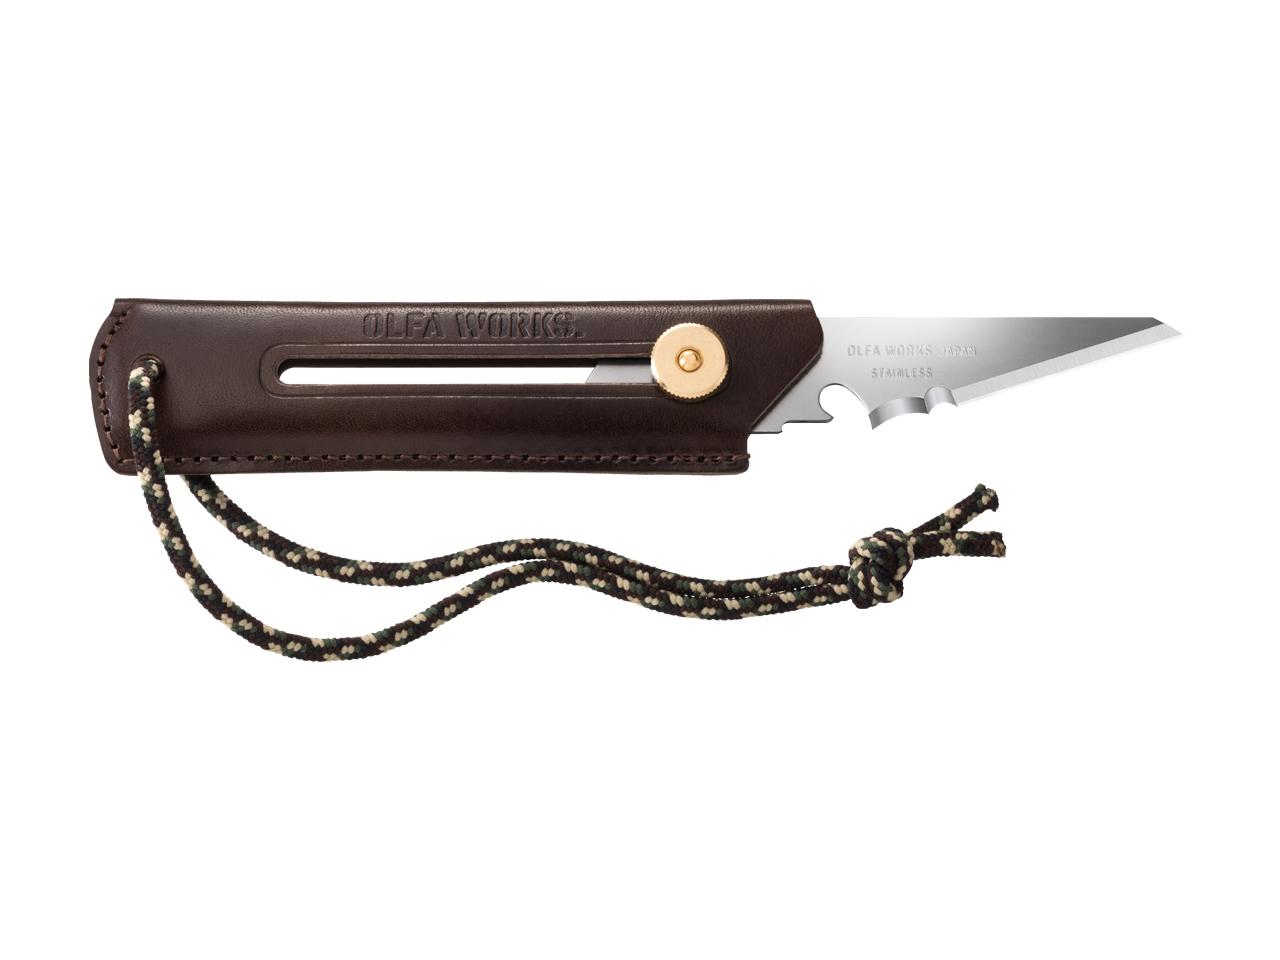 替刃式ブッシュクラフトナイフ BK1 レザー ダークブラウン